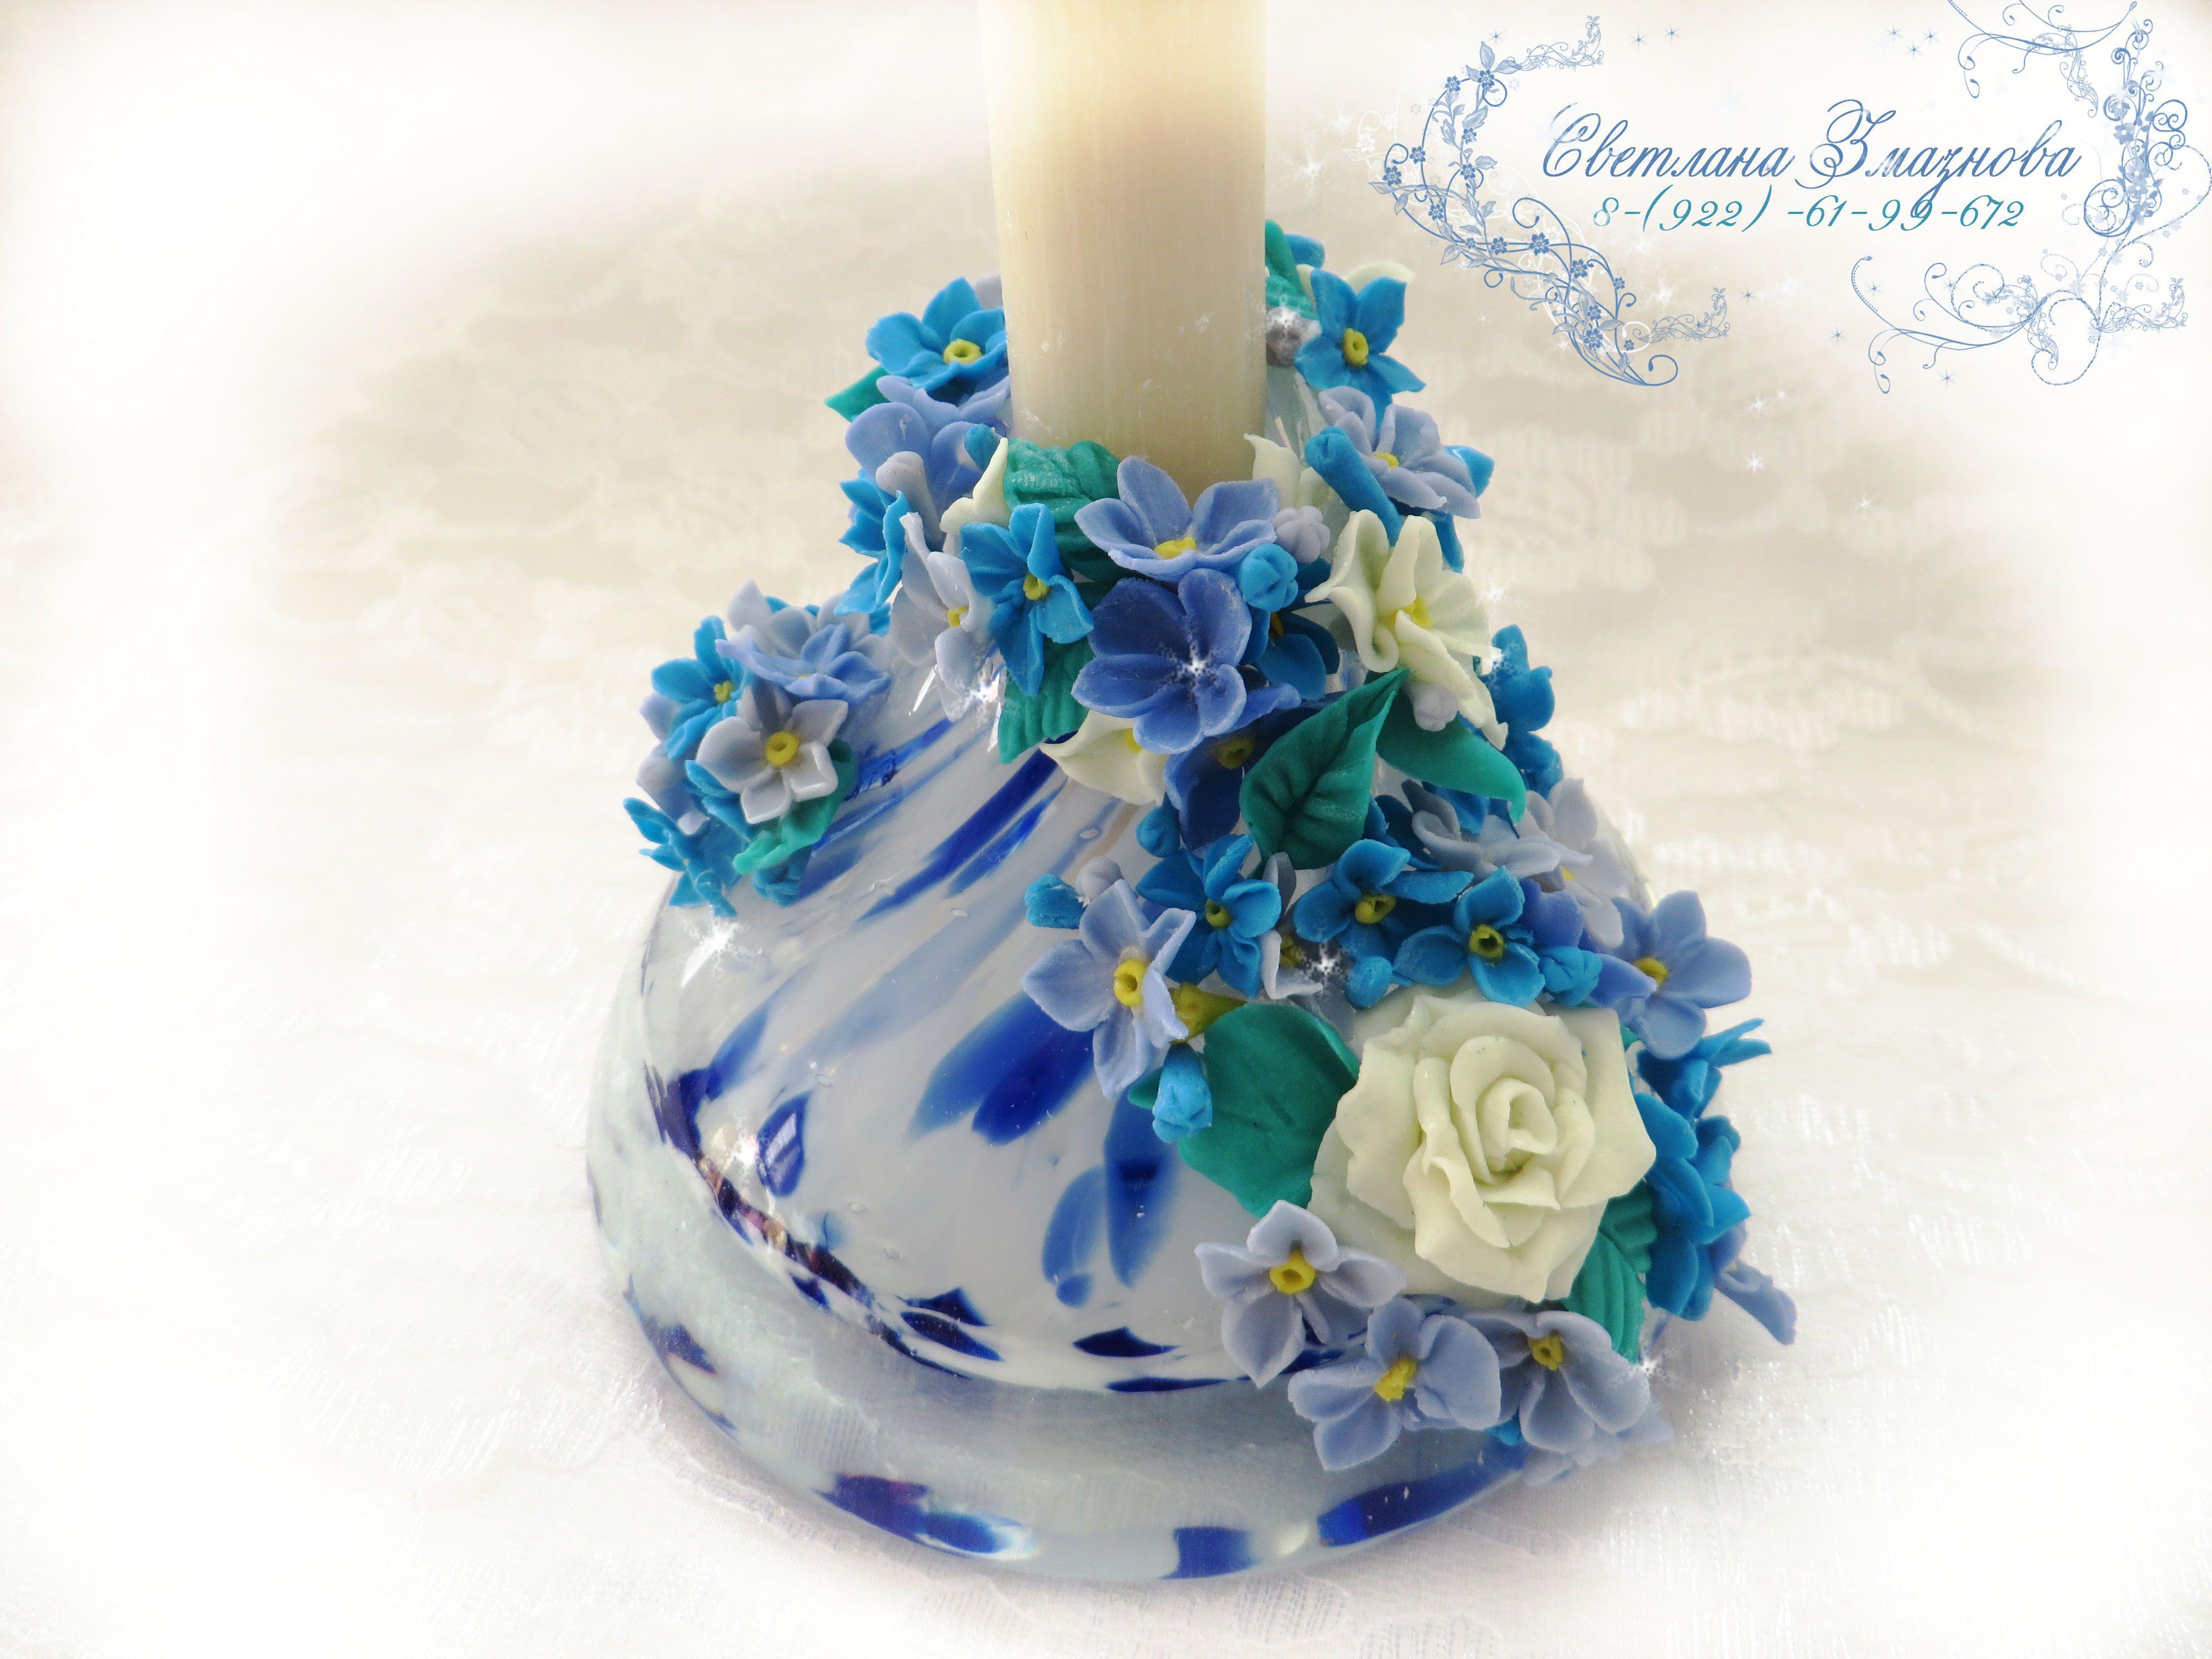 лепканезабудкиручная фарфор глина полимерная холодный работа подсвечник свеча цветы